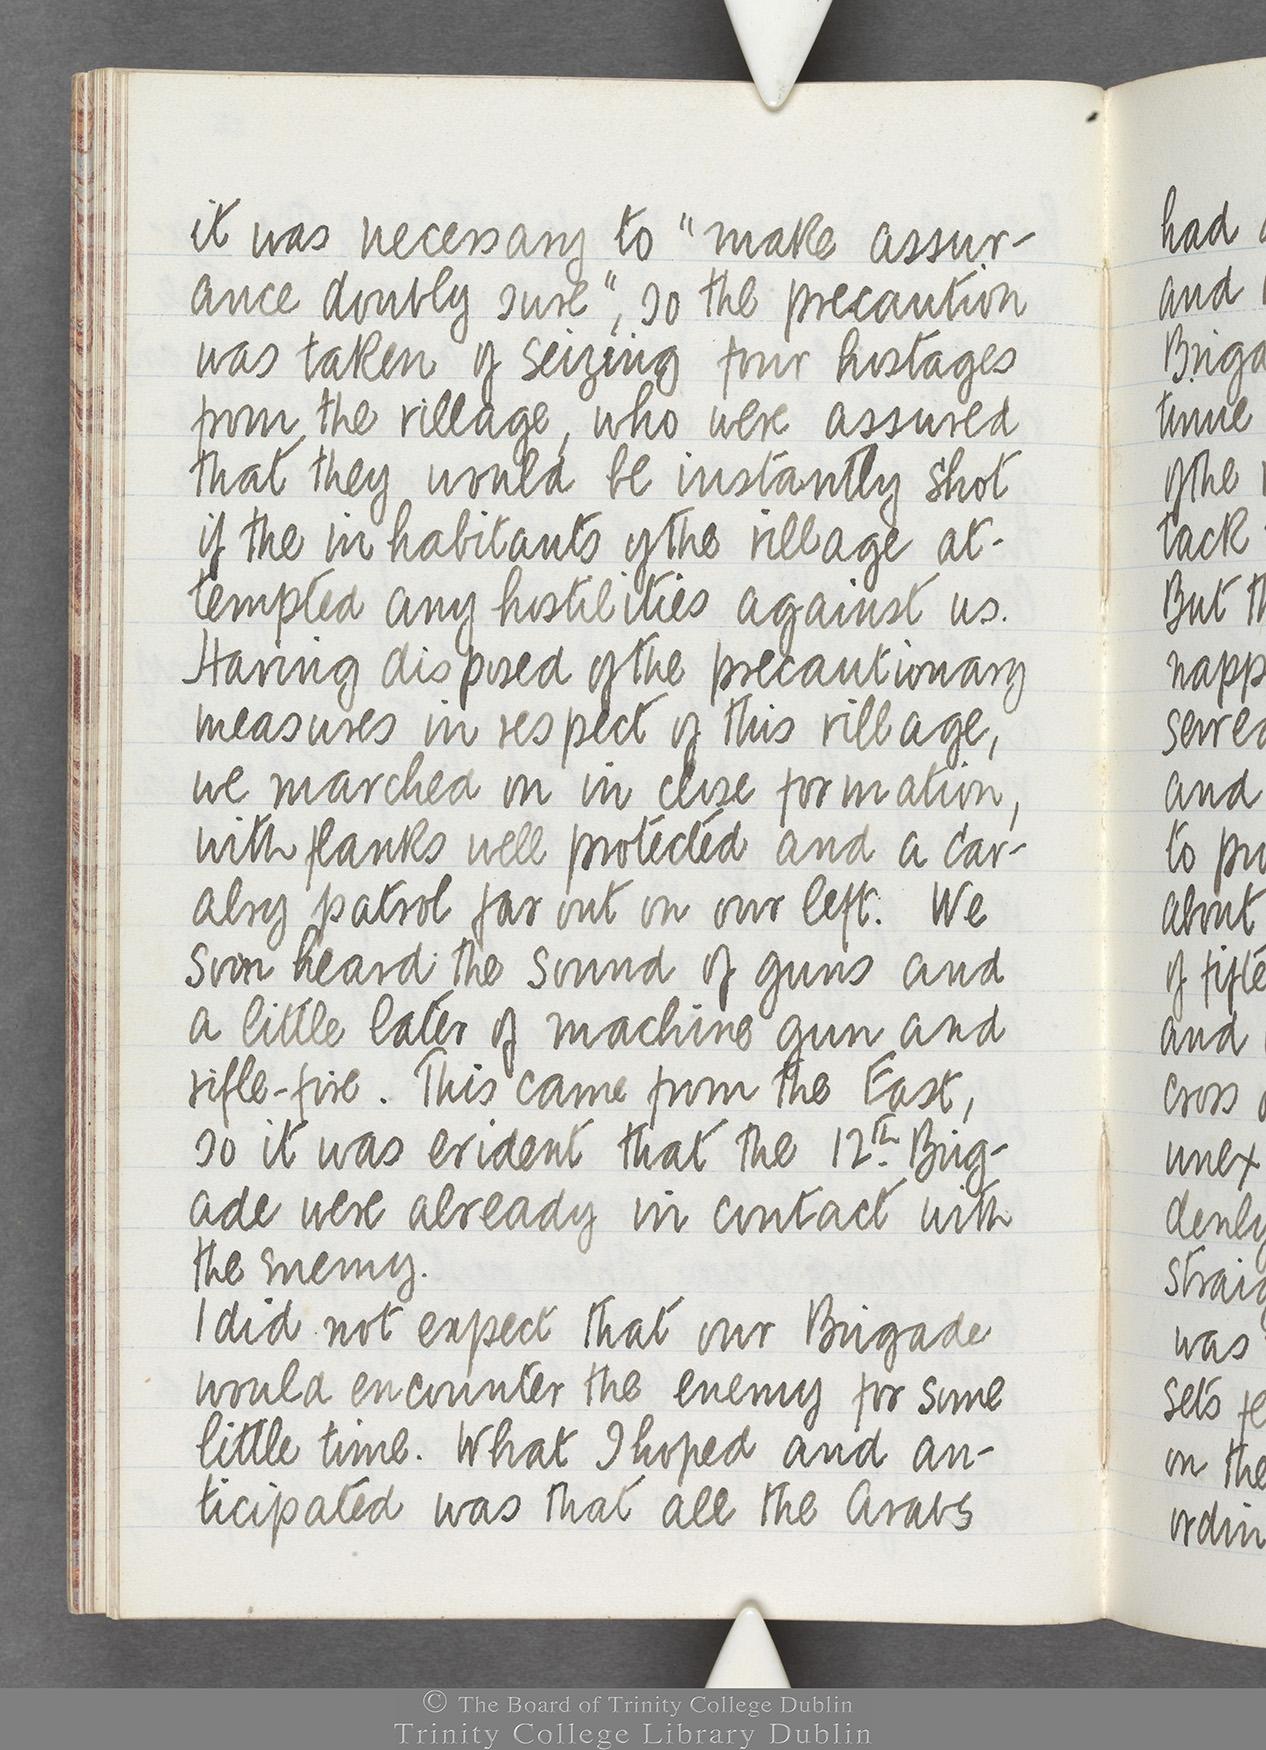 TCD MS 10516 folio 28 verso